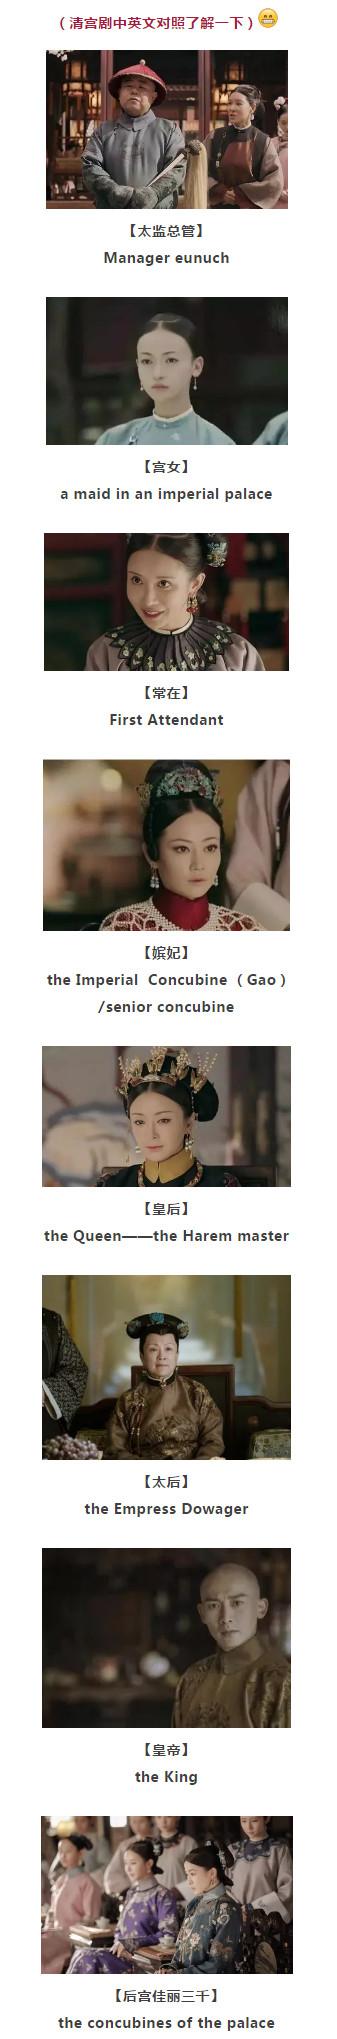 《延禧攻略》屢上熱搜 清宮劇里的皇后、妃嬪、宮女怎么翻譯?